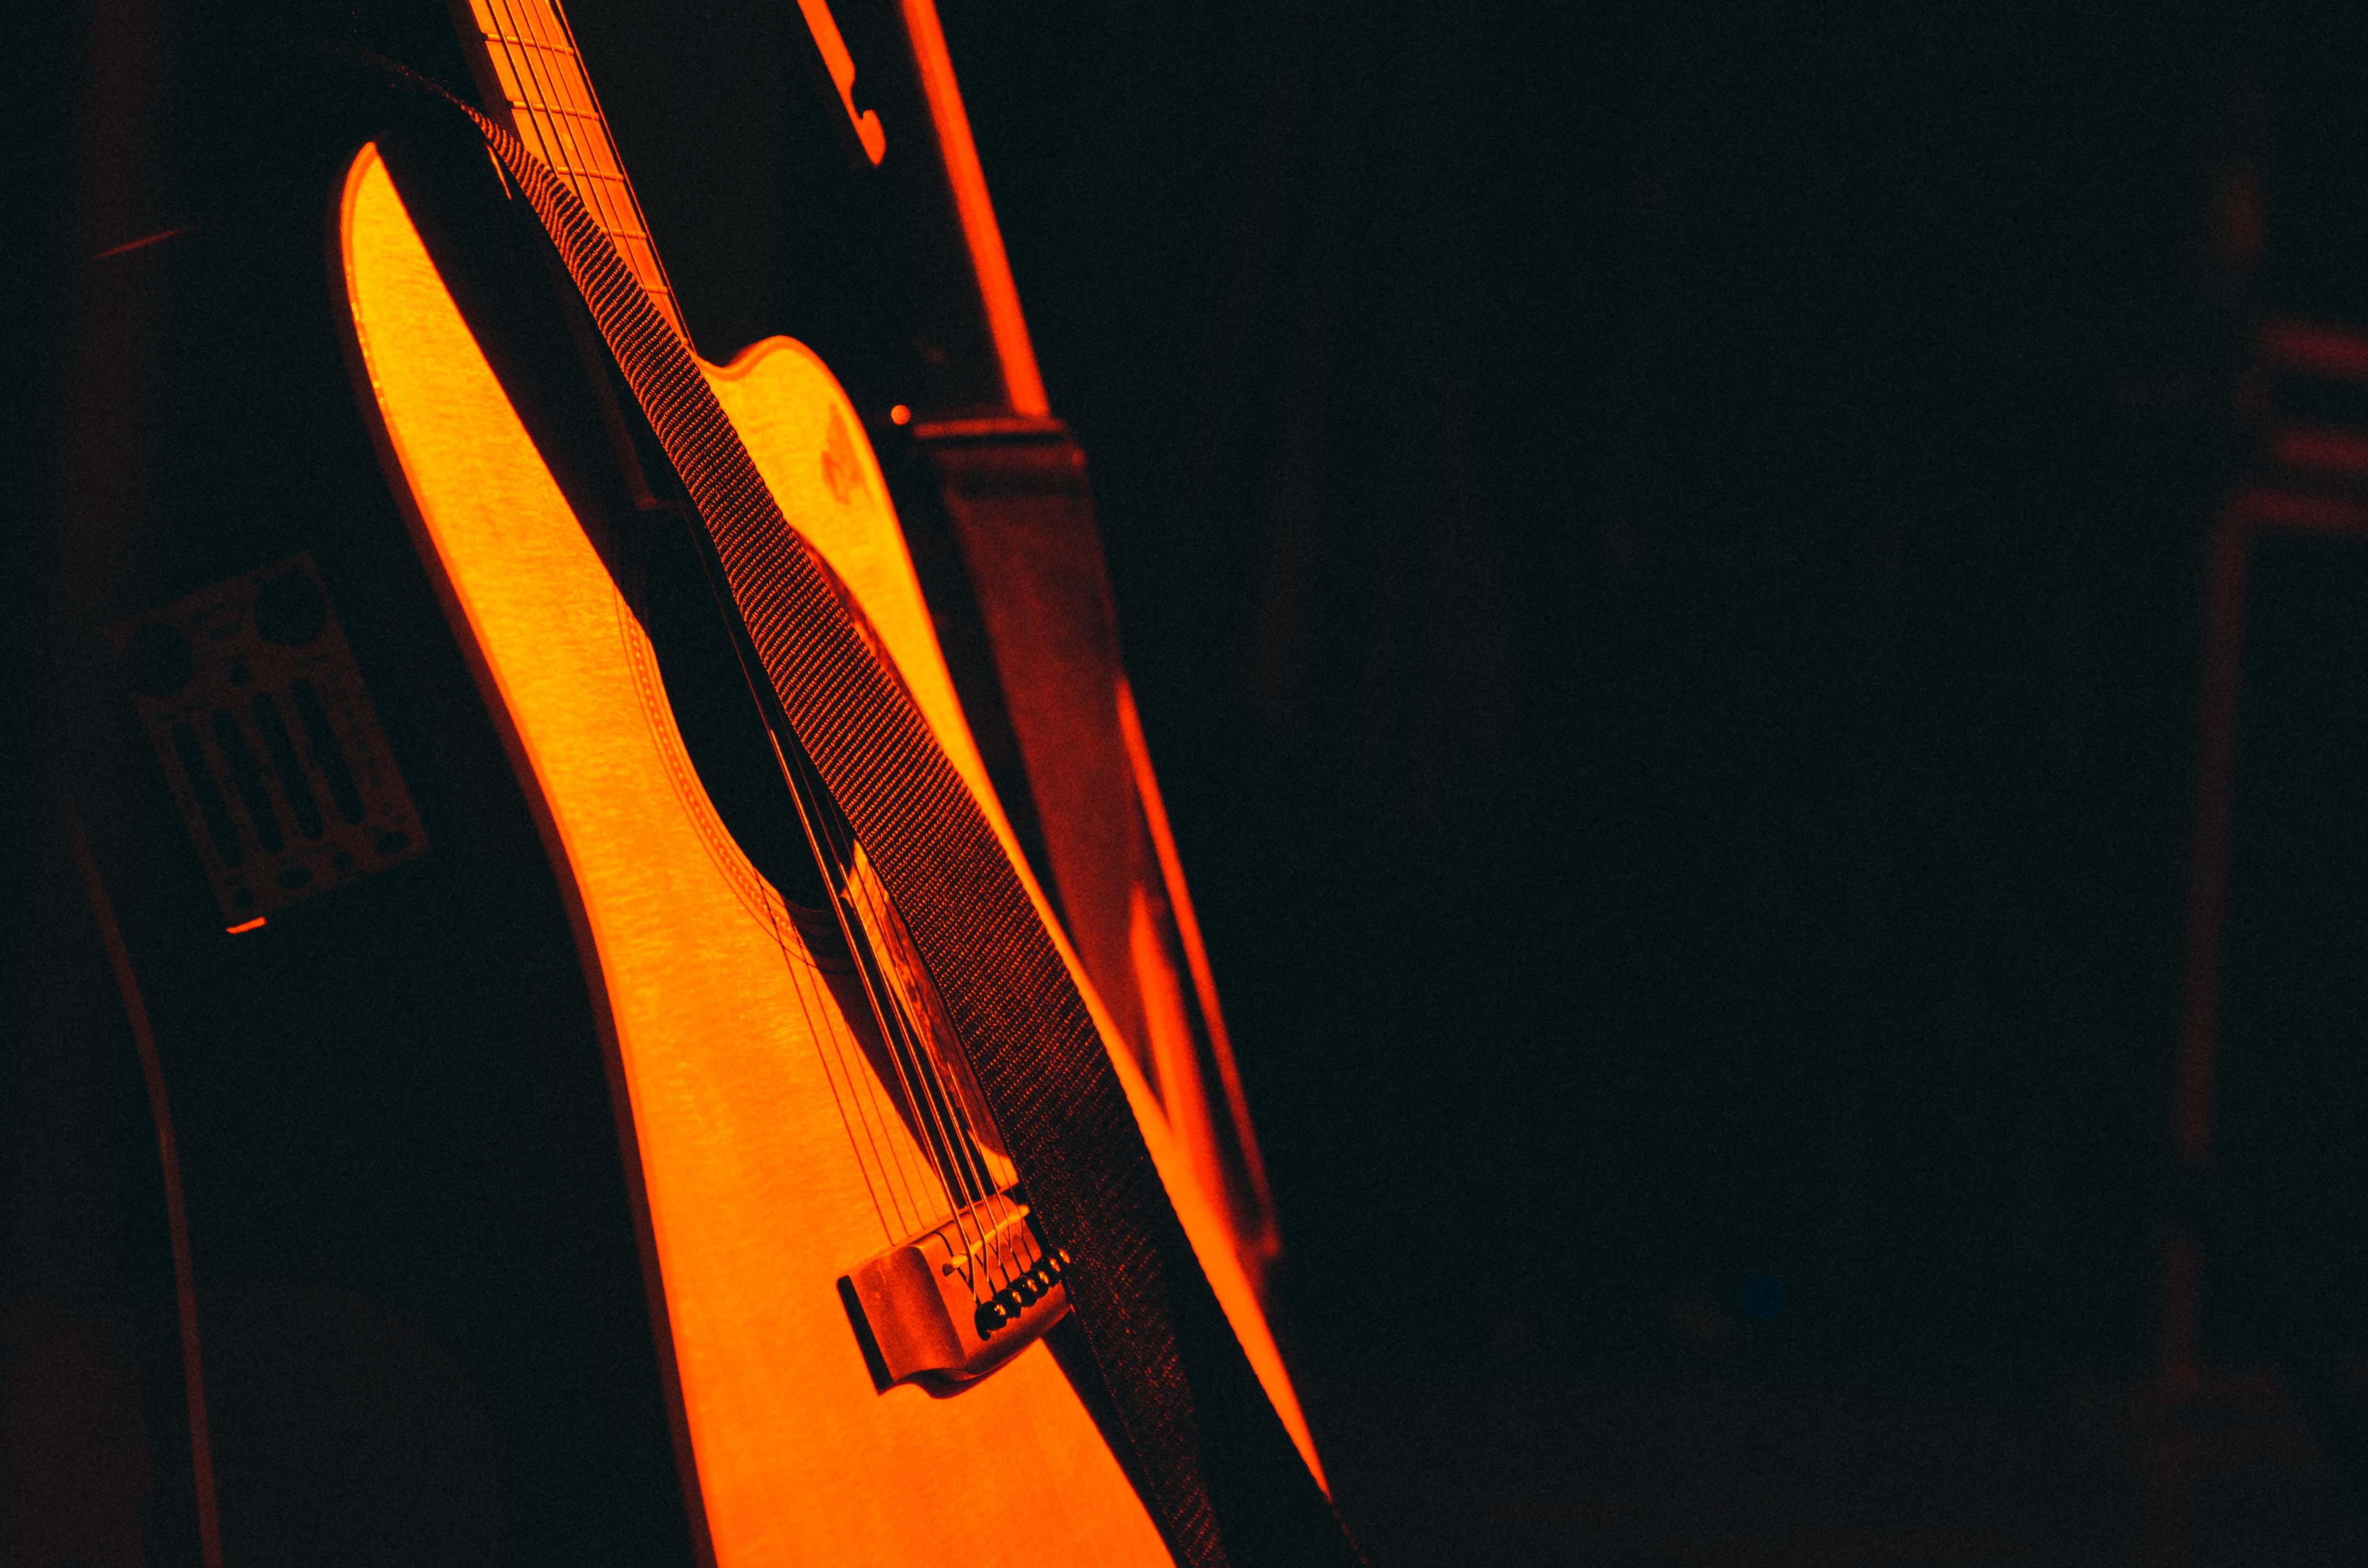 gitarre unsplash